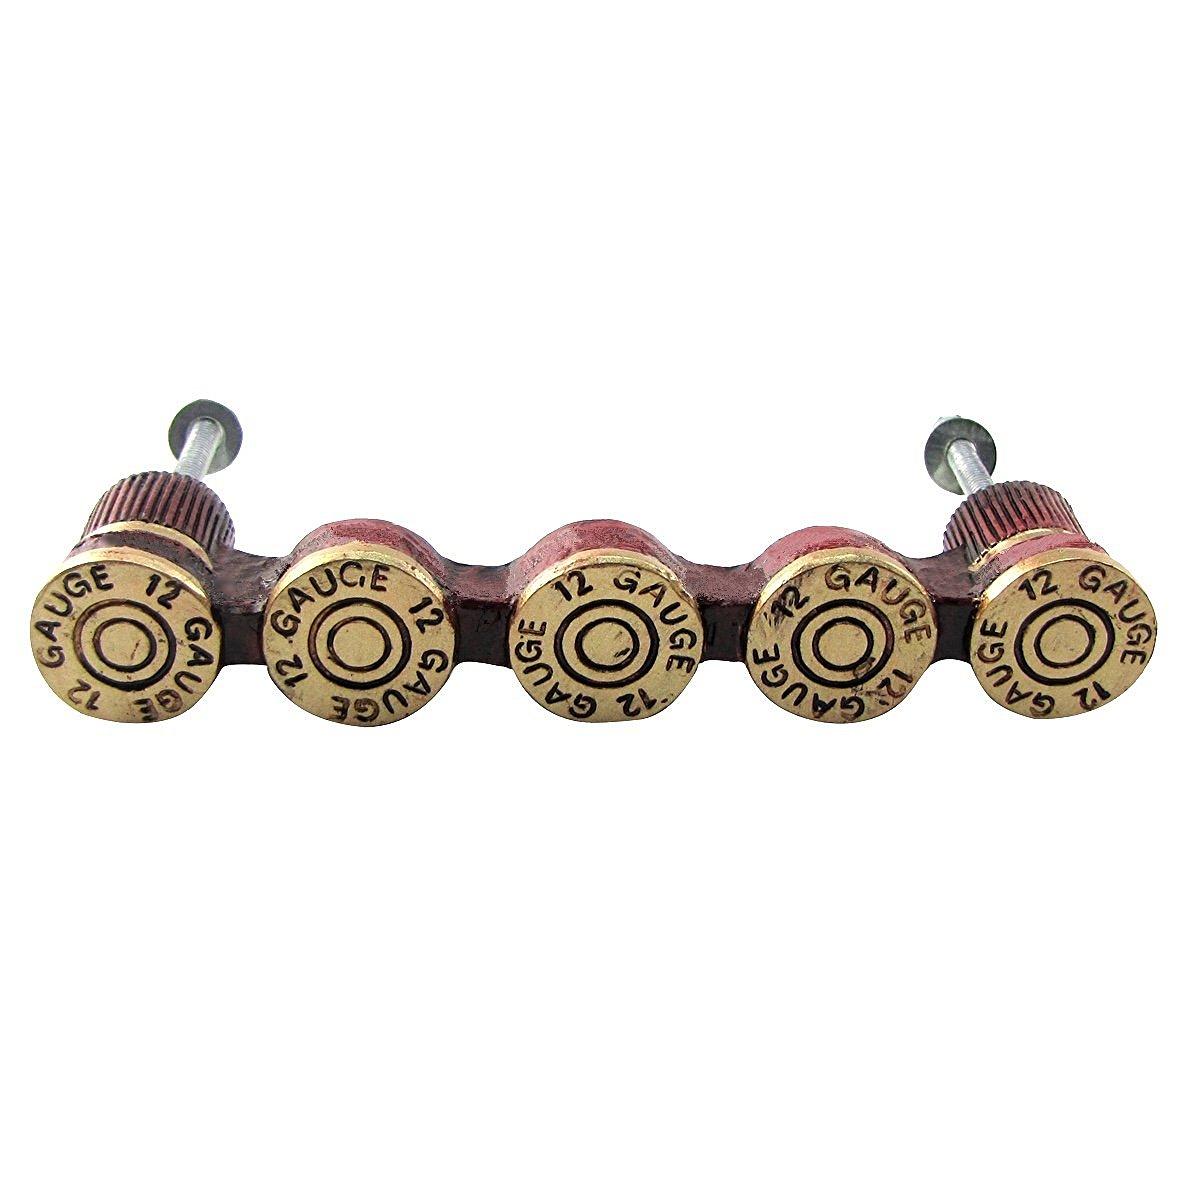 12 Gauge shotgun handles